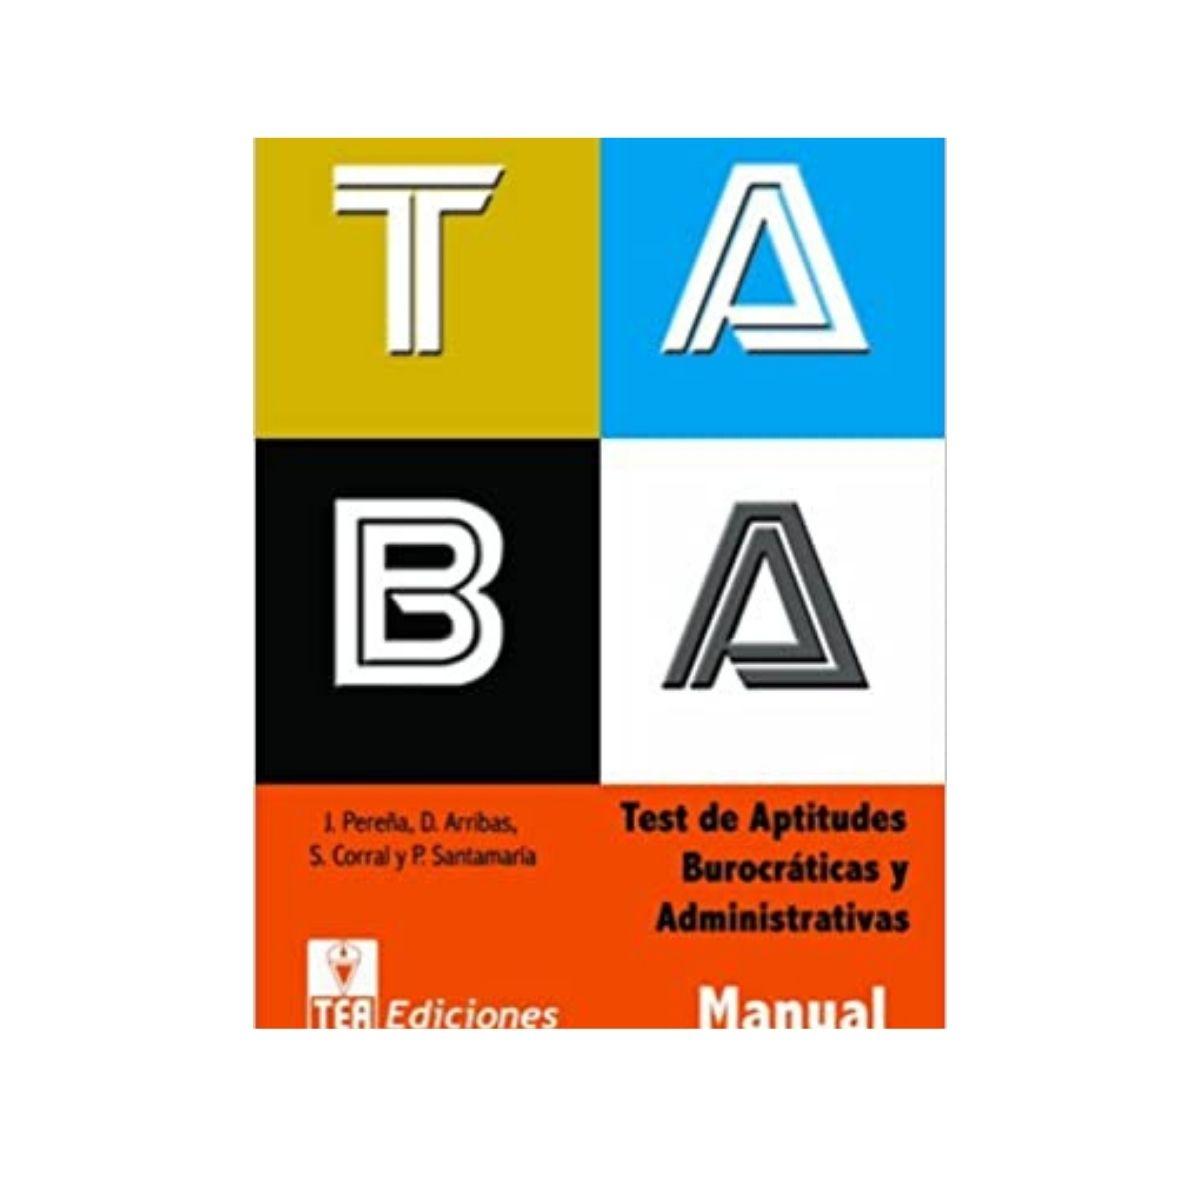 TABA Test de Aptitudes Burocráticas y Administrativas